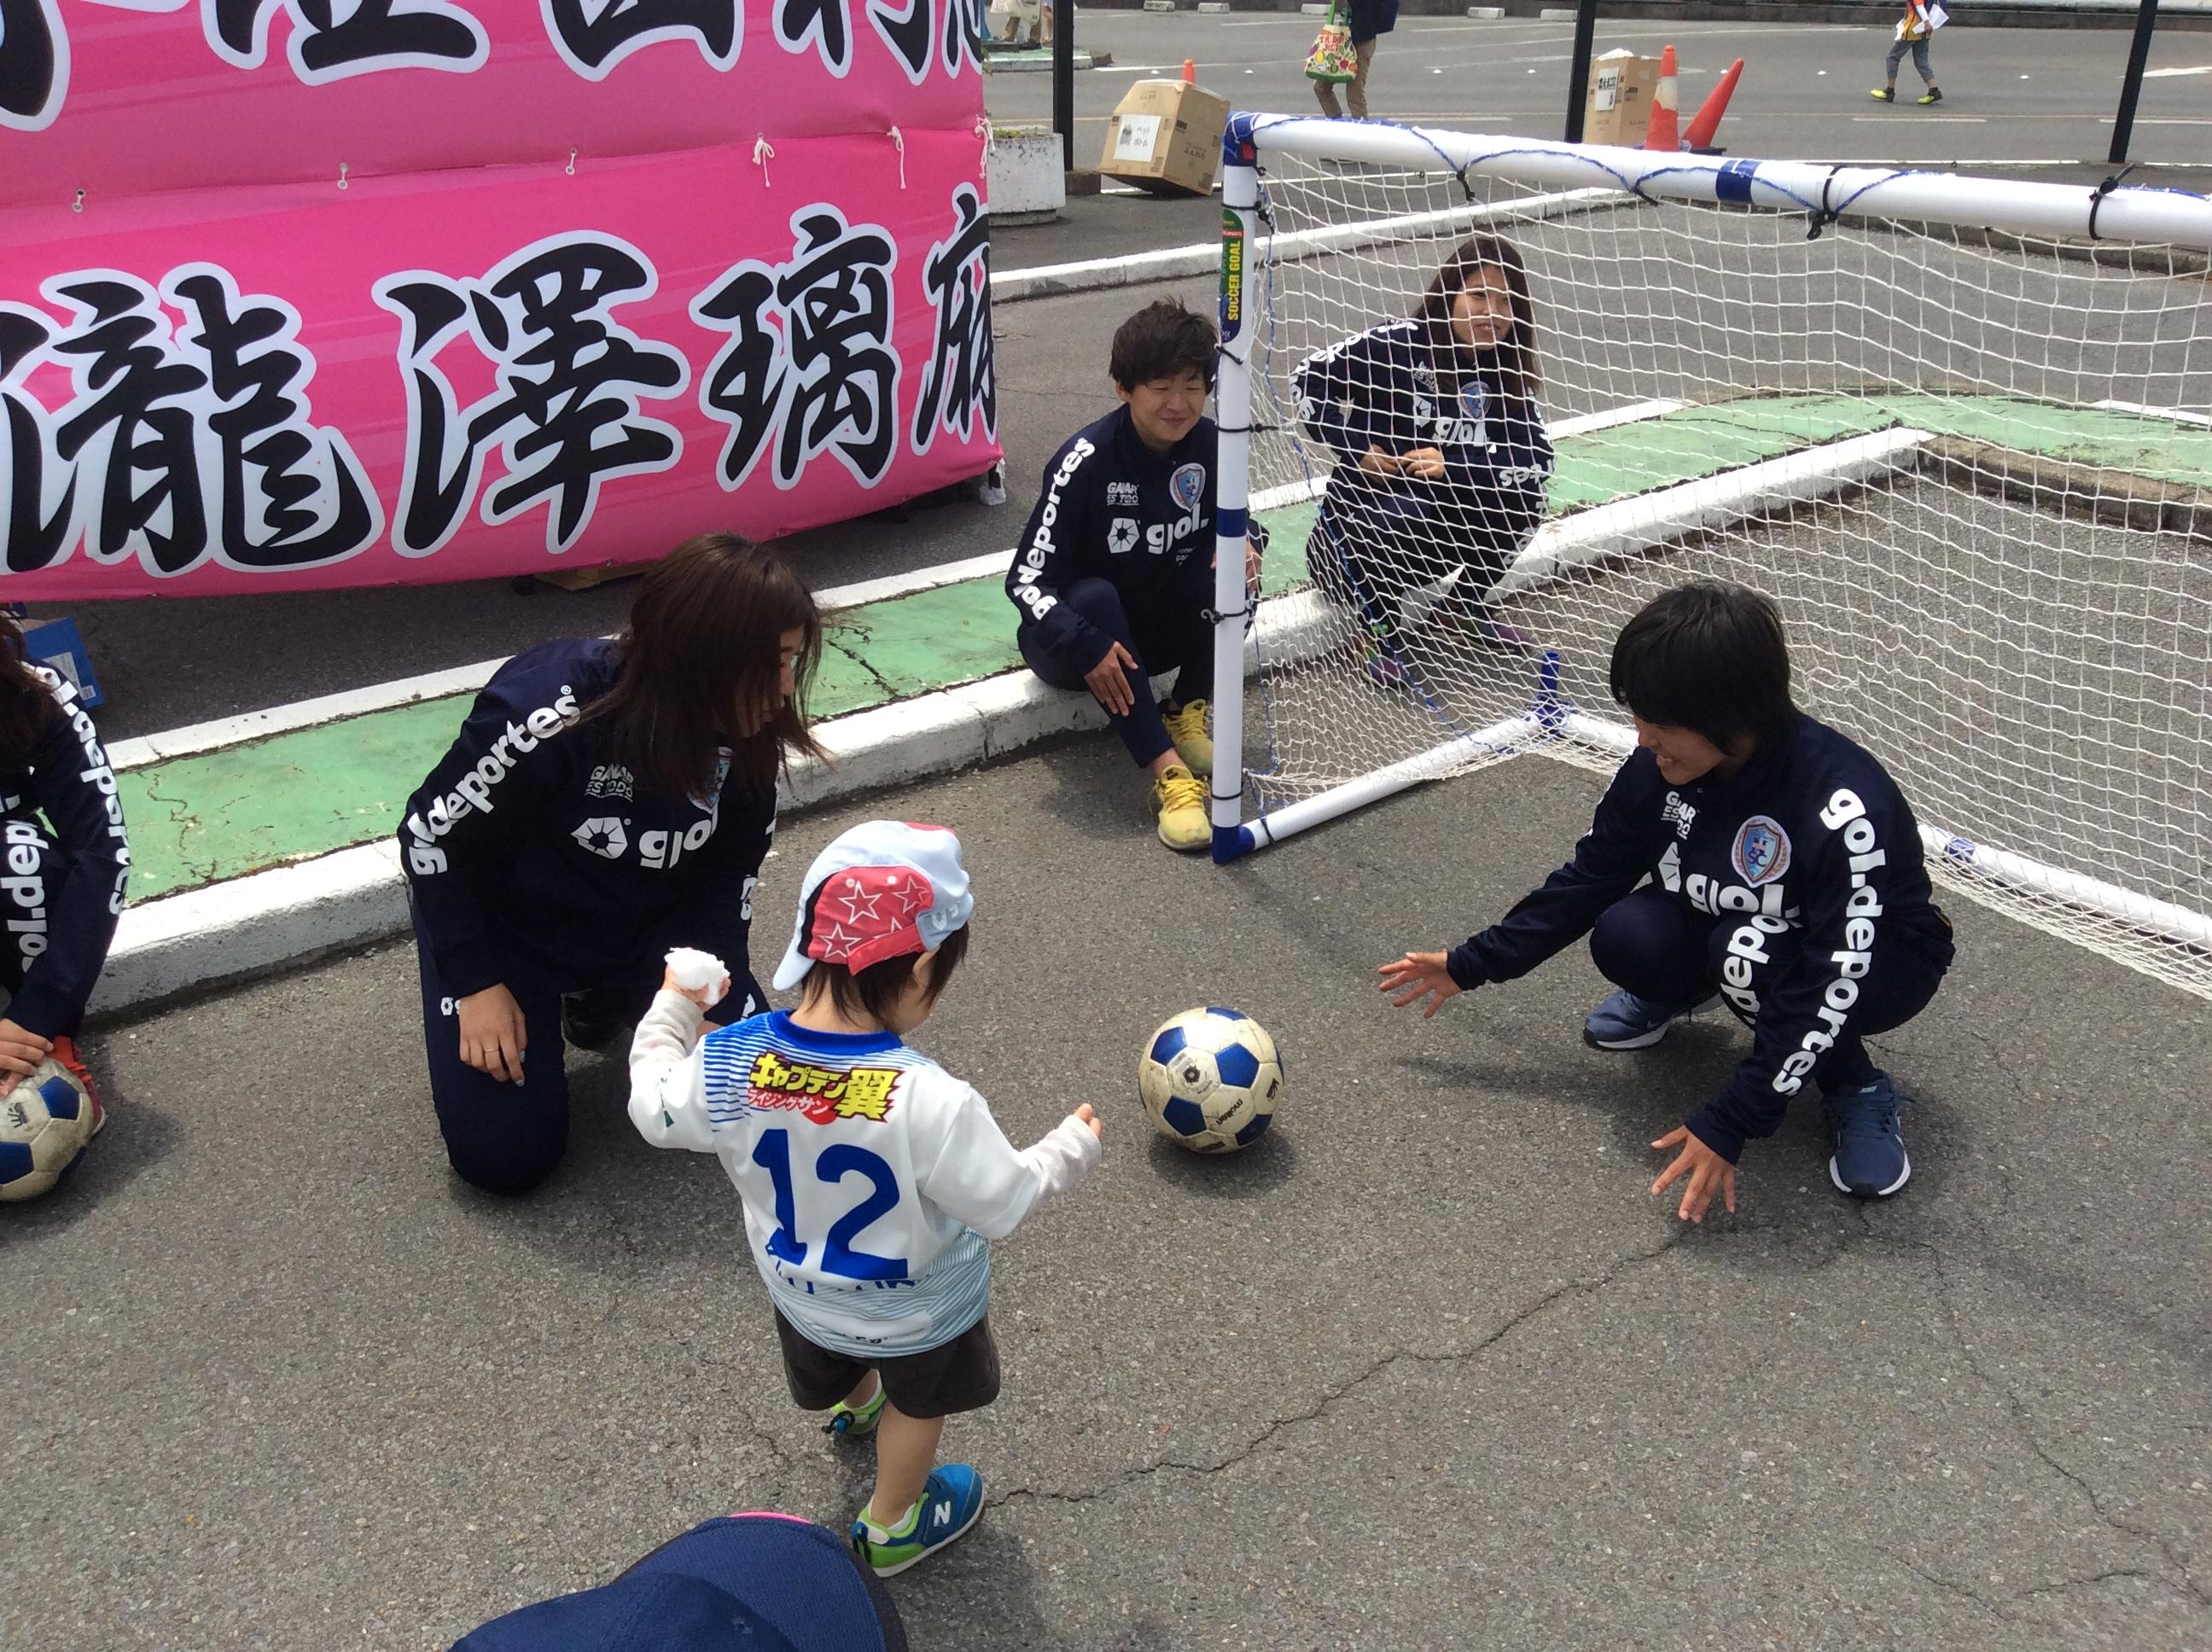 松本選手からゴールを奪うゲーム